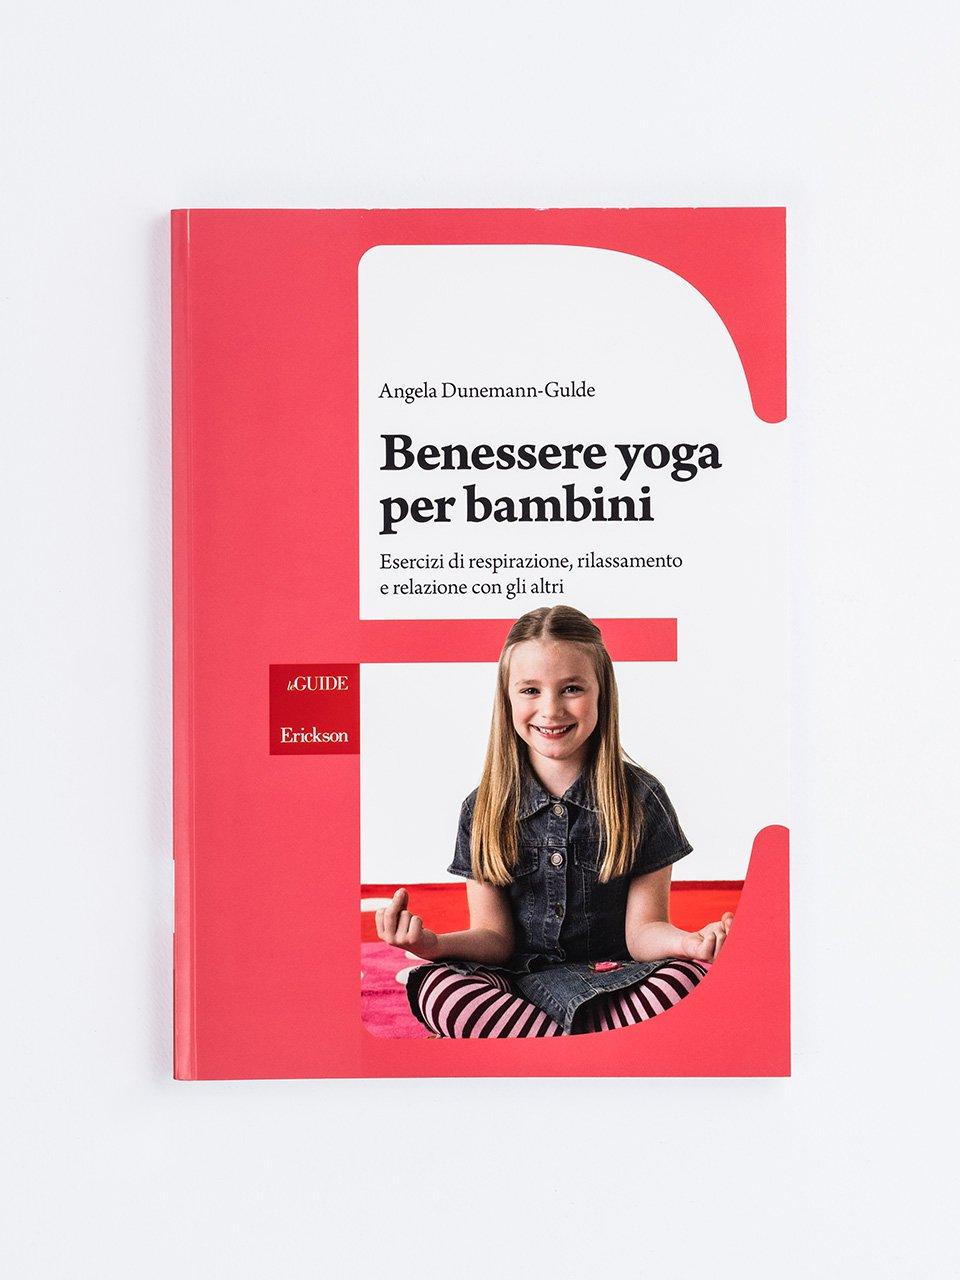 Benessere yoga per bambini - Libri - Erickson